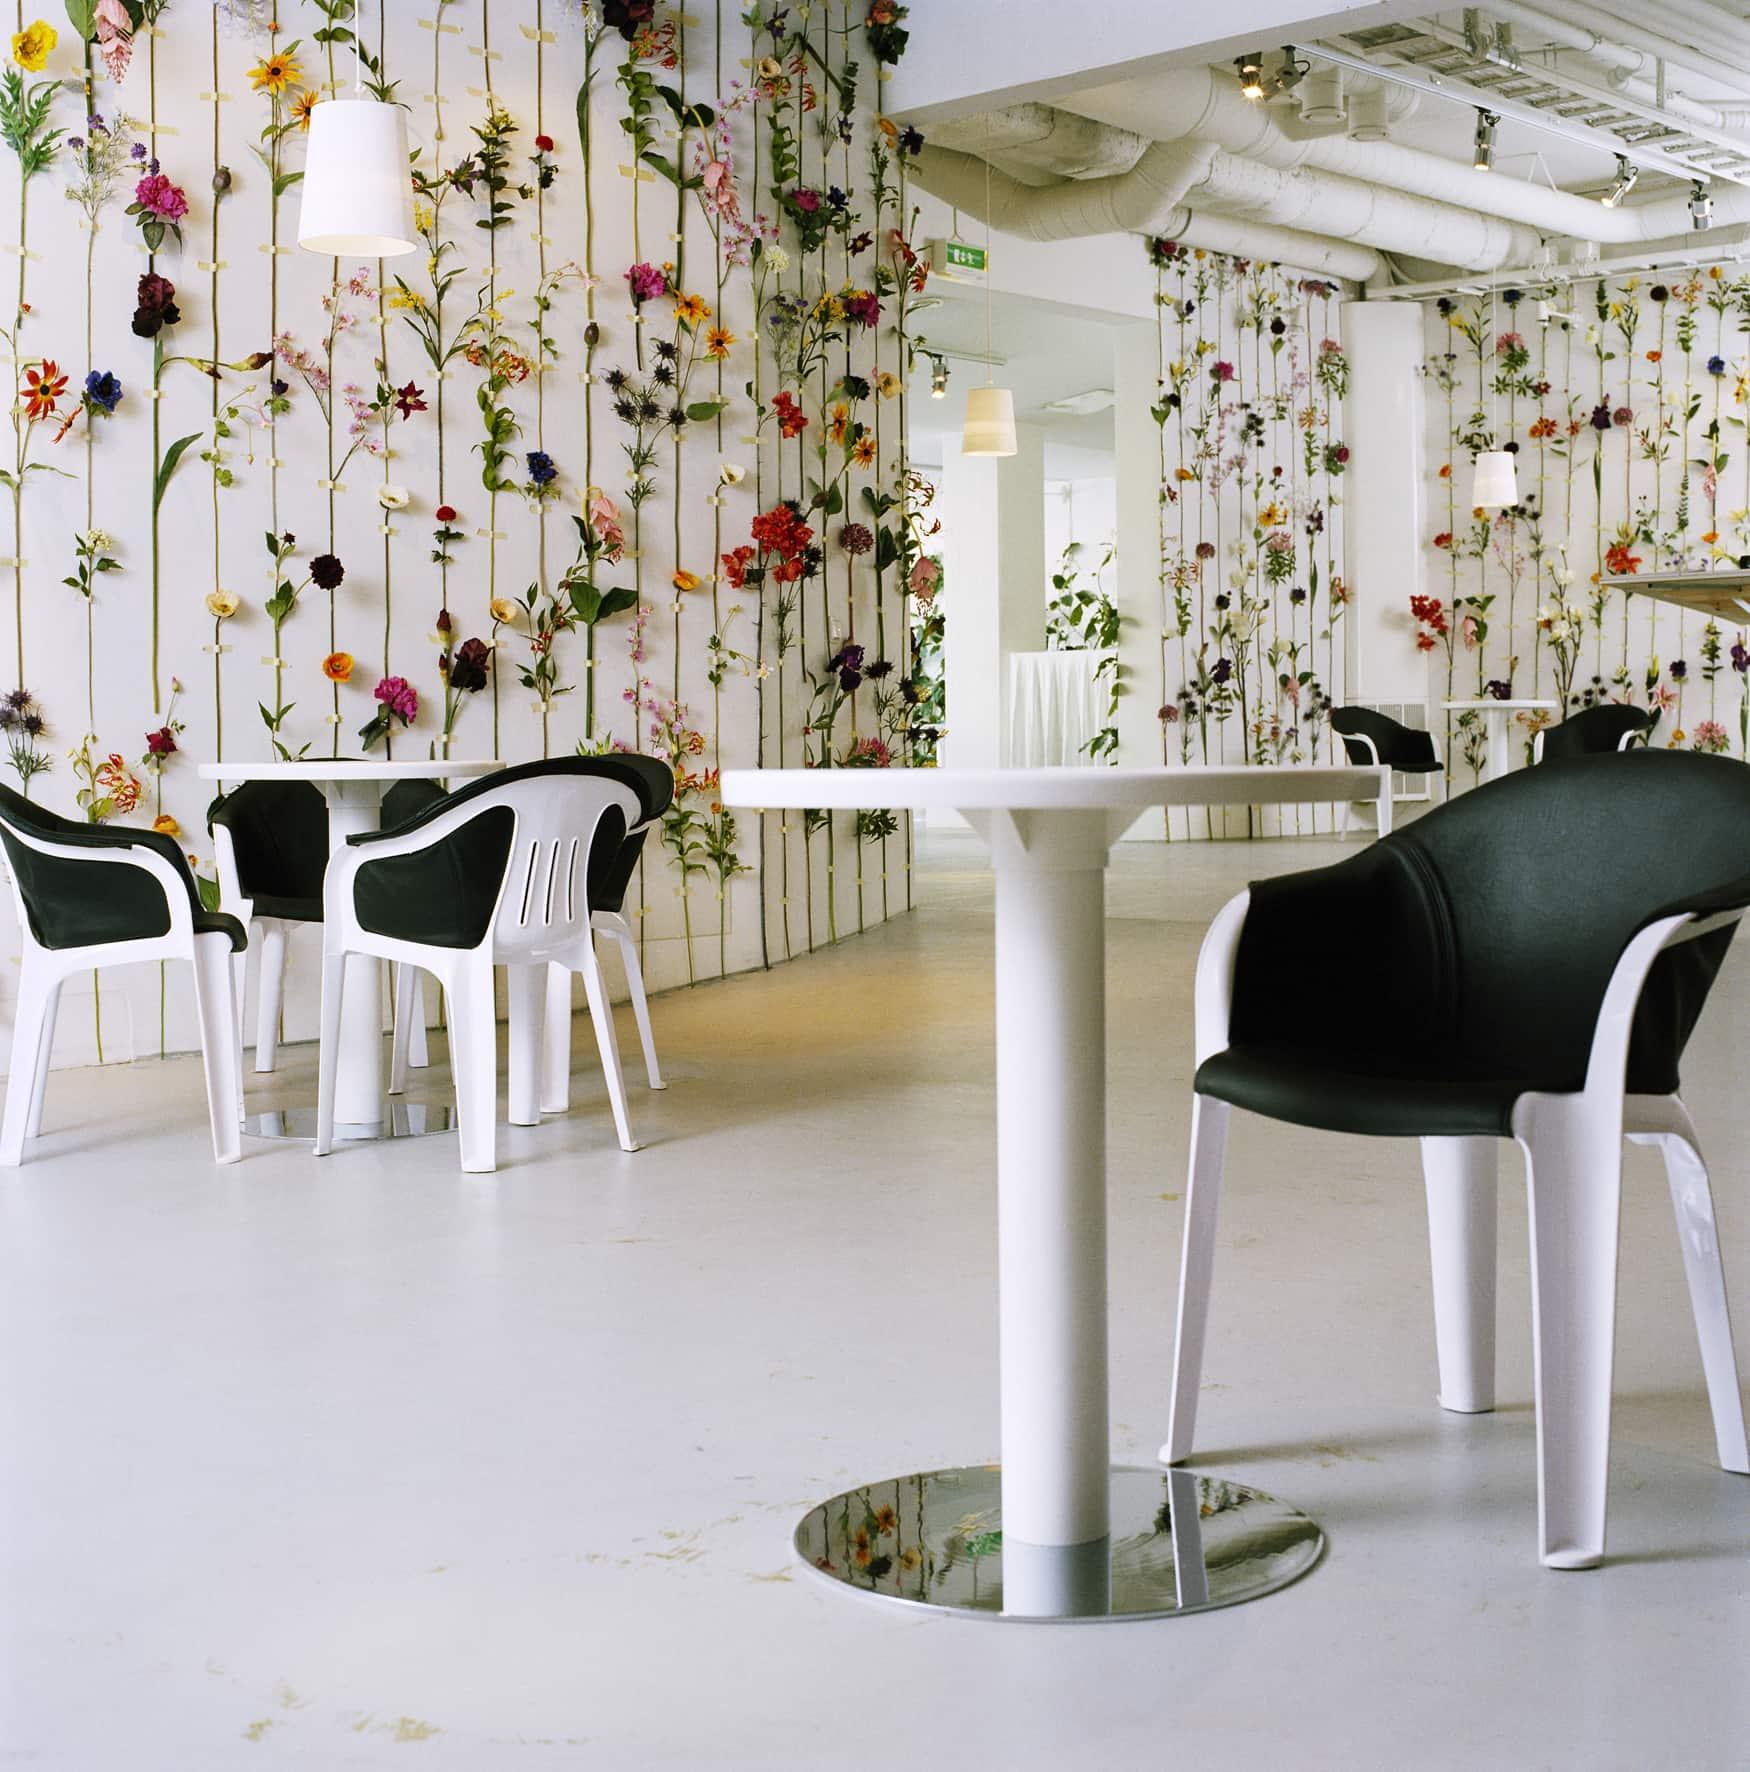 cucina ispirazioni Decorazioni : decorazioni-fiori - Passion DIY